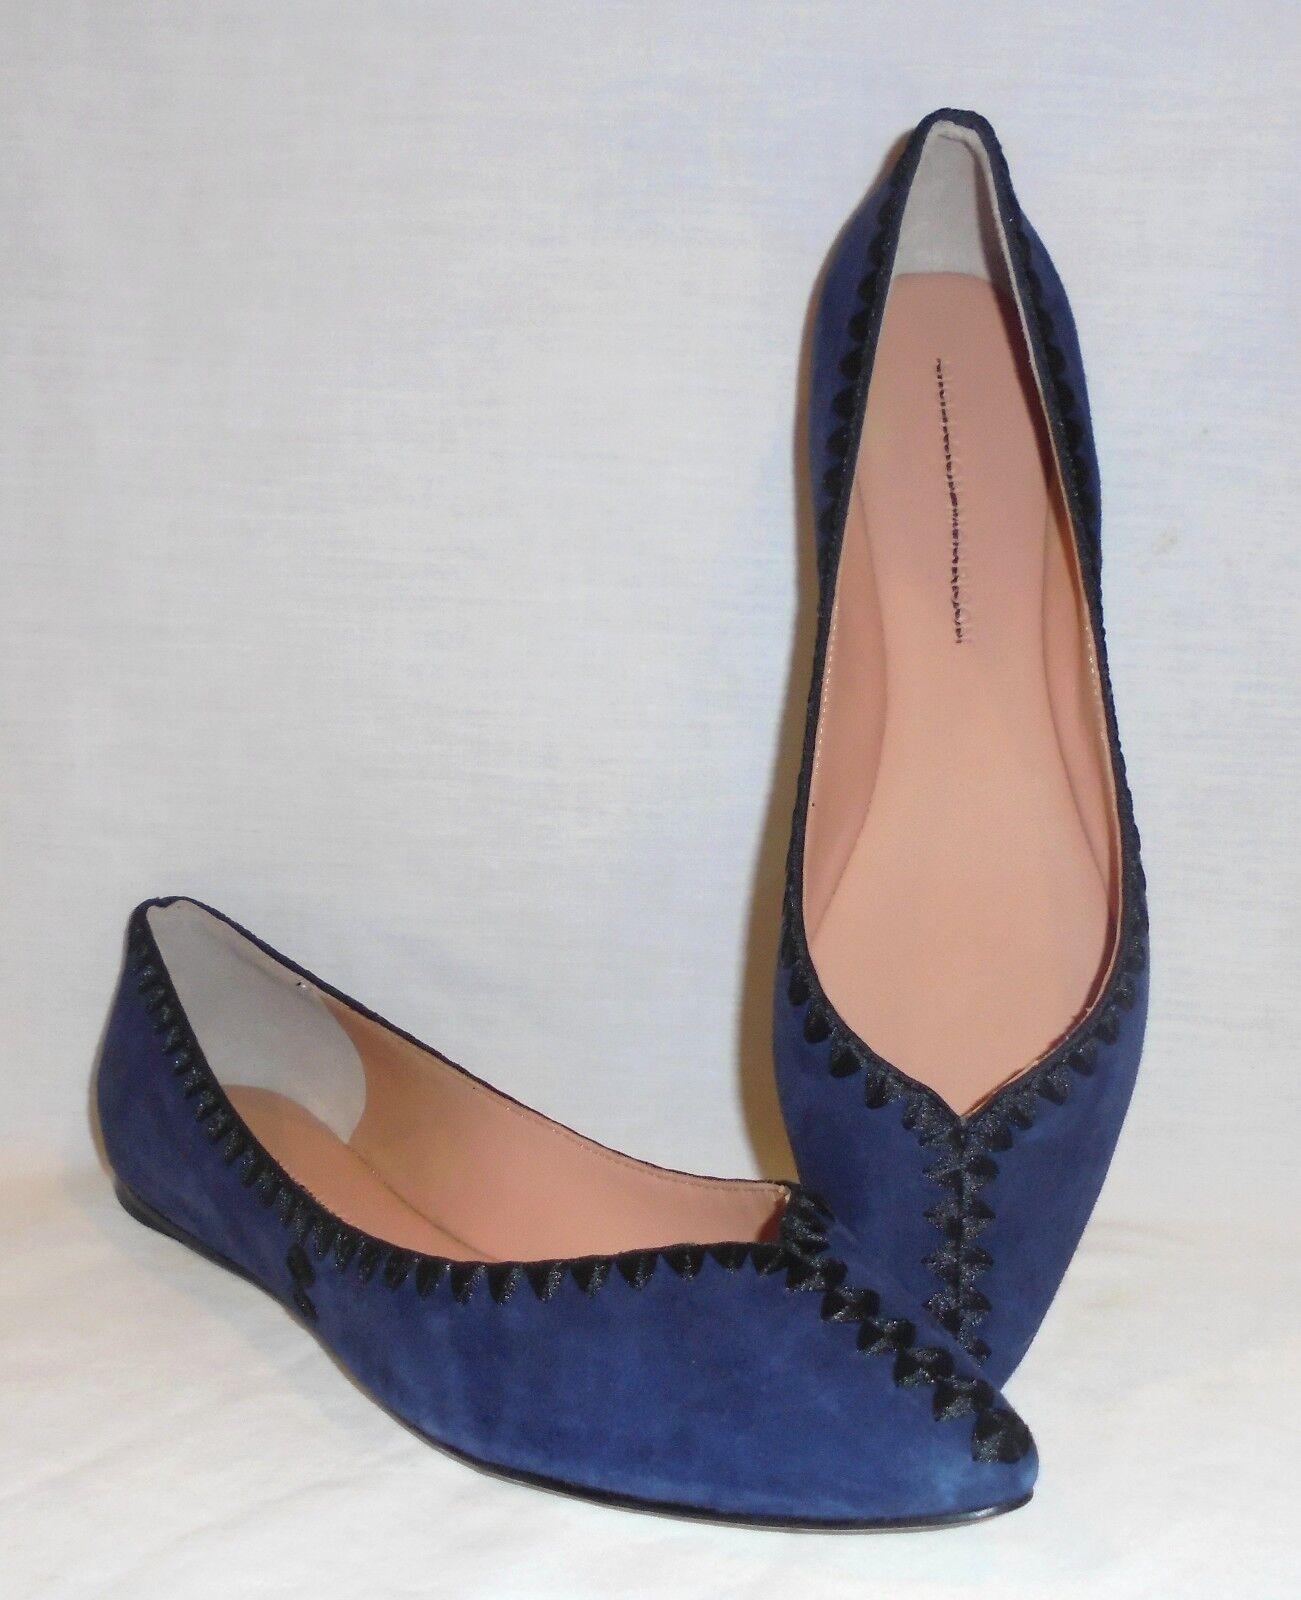 Sigerson Morrison Women's Vinal Suede Stitched Ballet Flats Retail  278 size 8